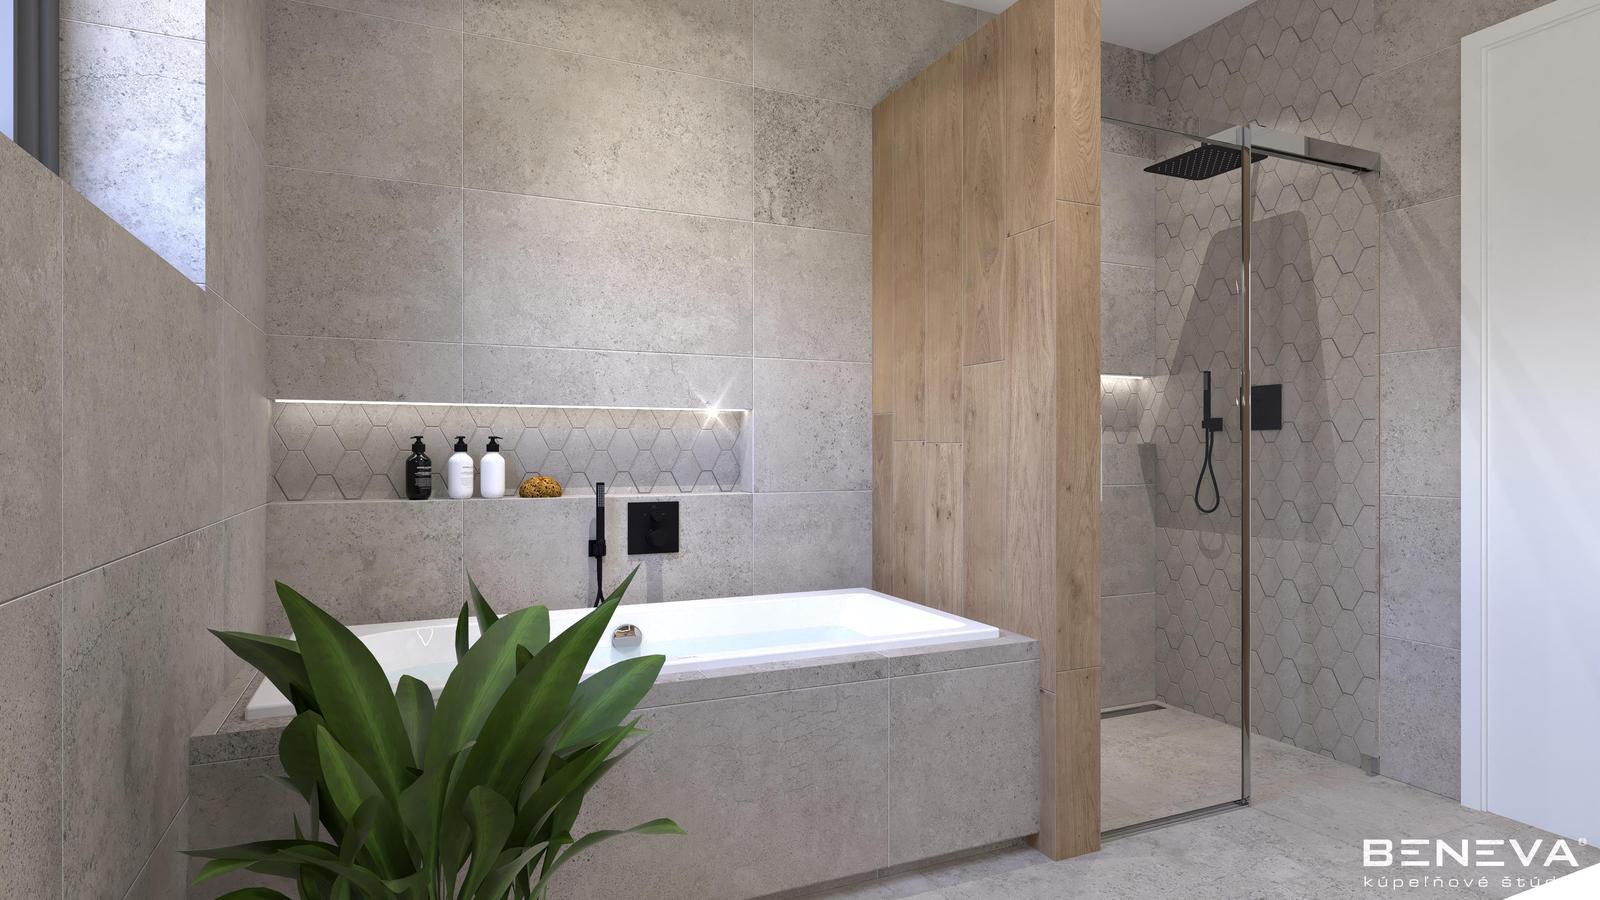 Návrhy kúpeľní 2021 - Obrázok č. 11